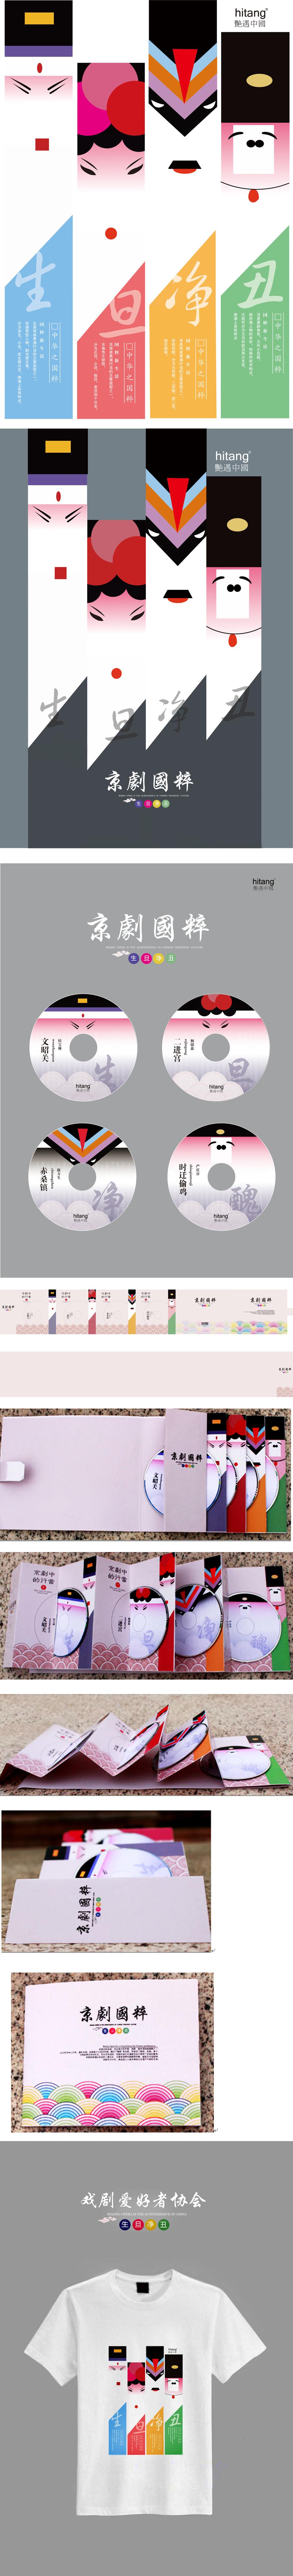 京剧包装cd包装设计/海报设计/传统文化宣传图片